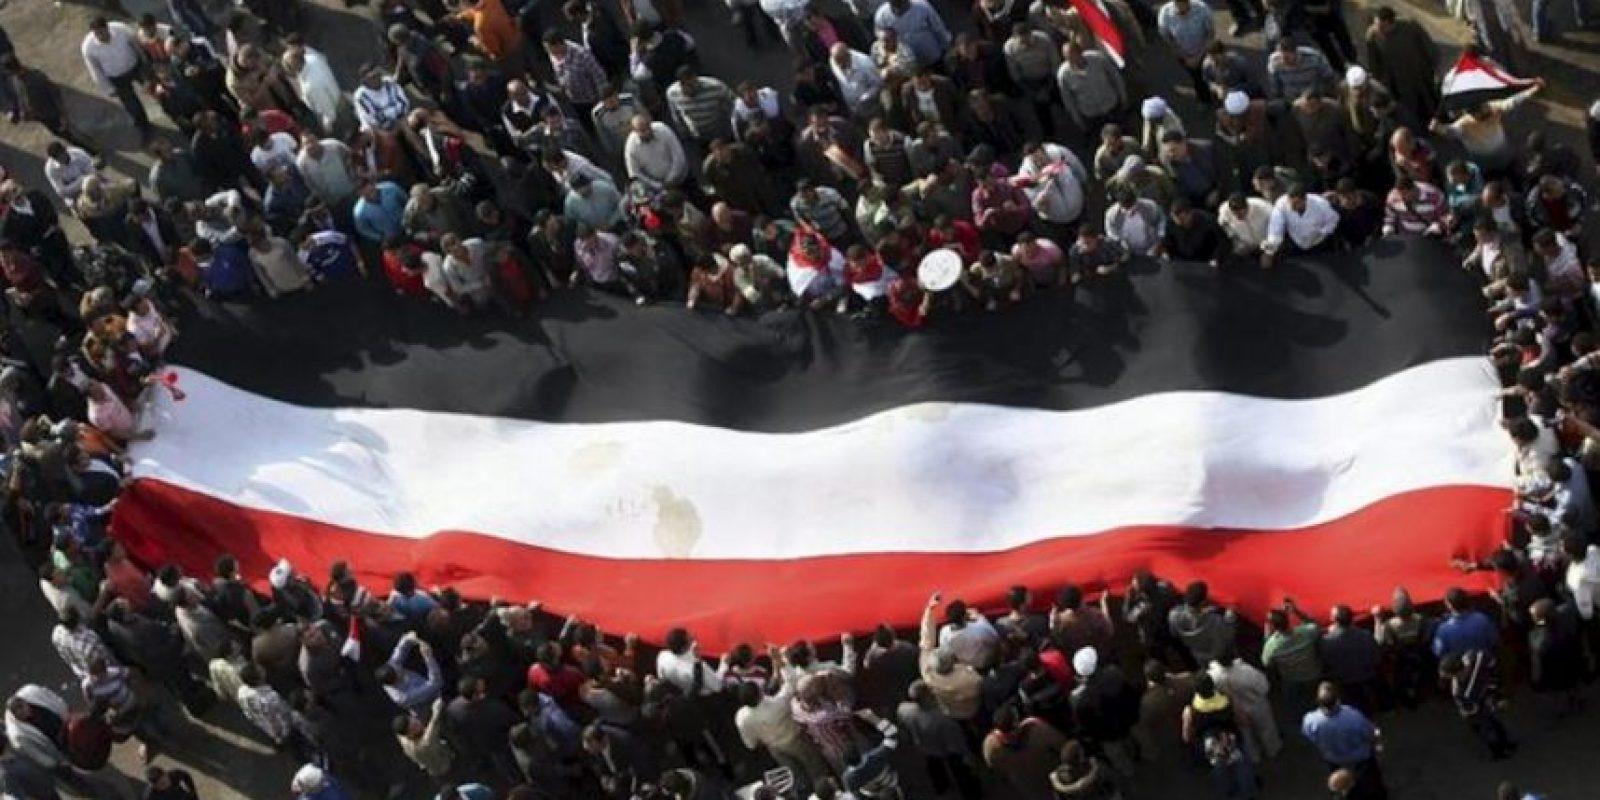 Opositores egipcios despliegan hoy una bandera nacional durante una protesta contra el presidente, Mohamed Mursi, por emitir una declaración constitucional para blindar sus poderes ante la Justicia en El Cairo. EFE